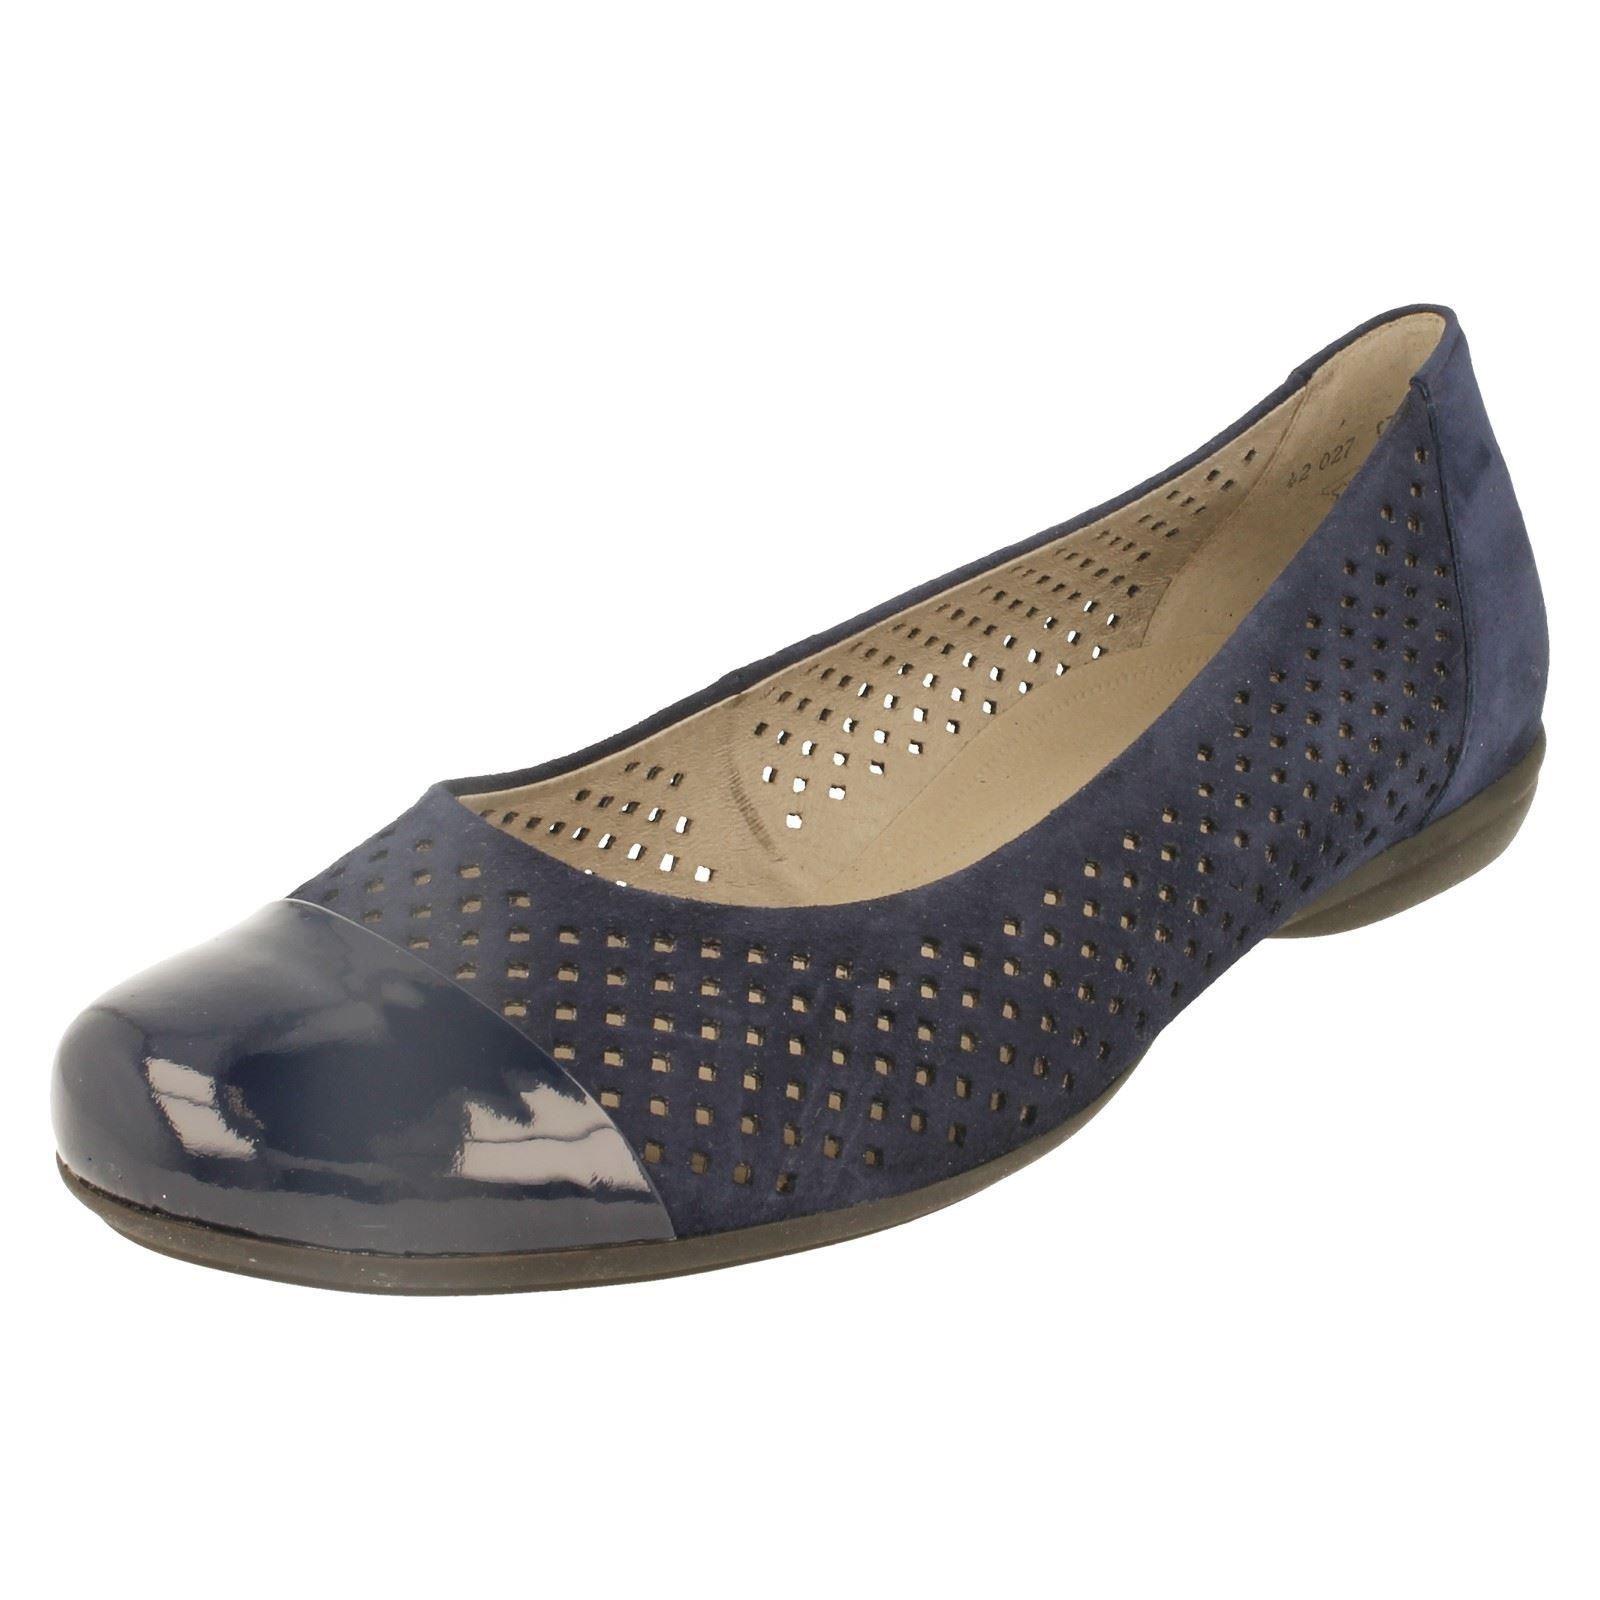 les chaussures d'été d'été d'été du style  402027 dames 5962de